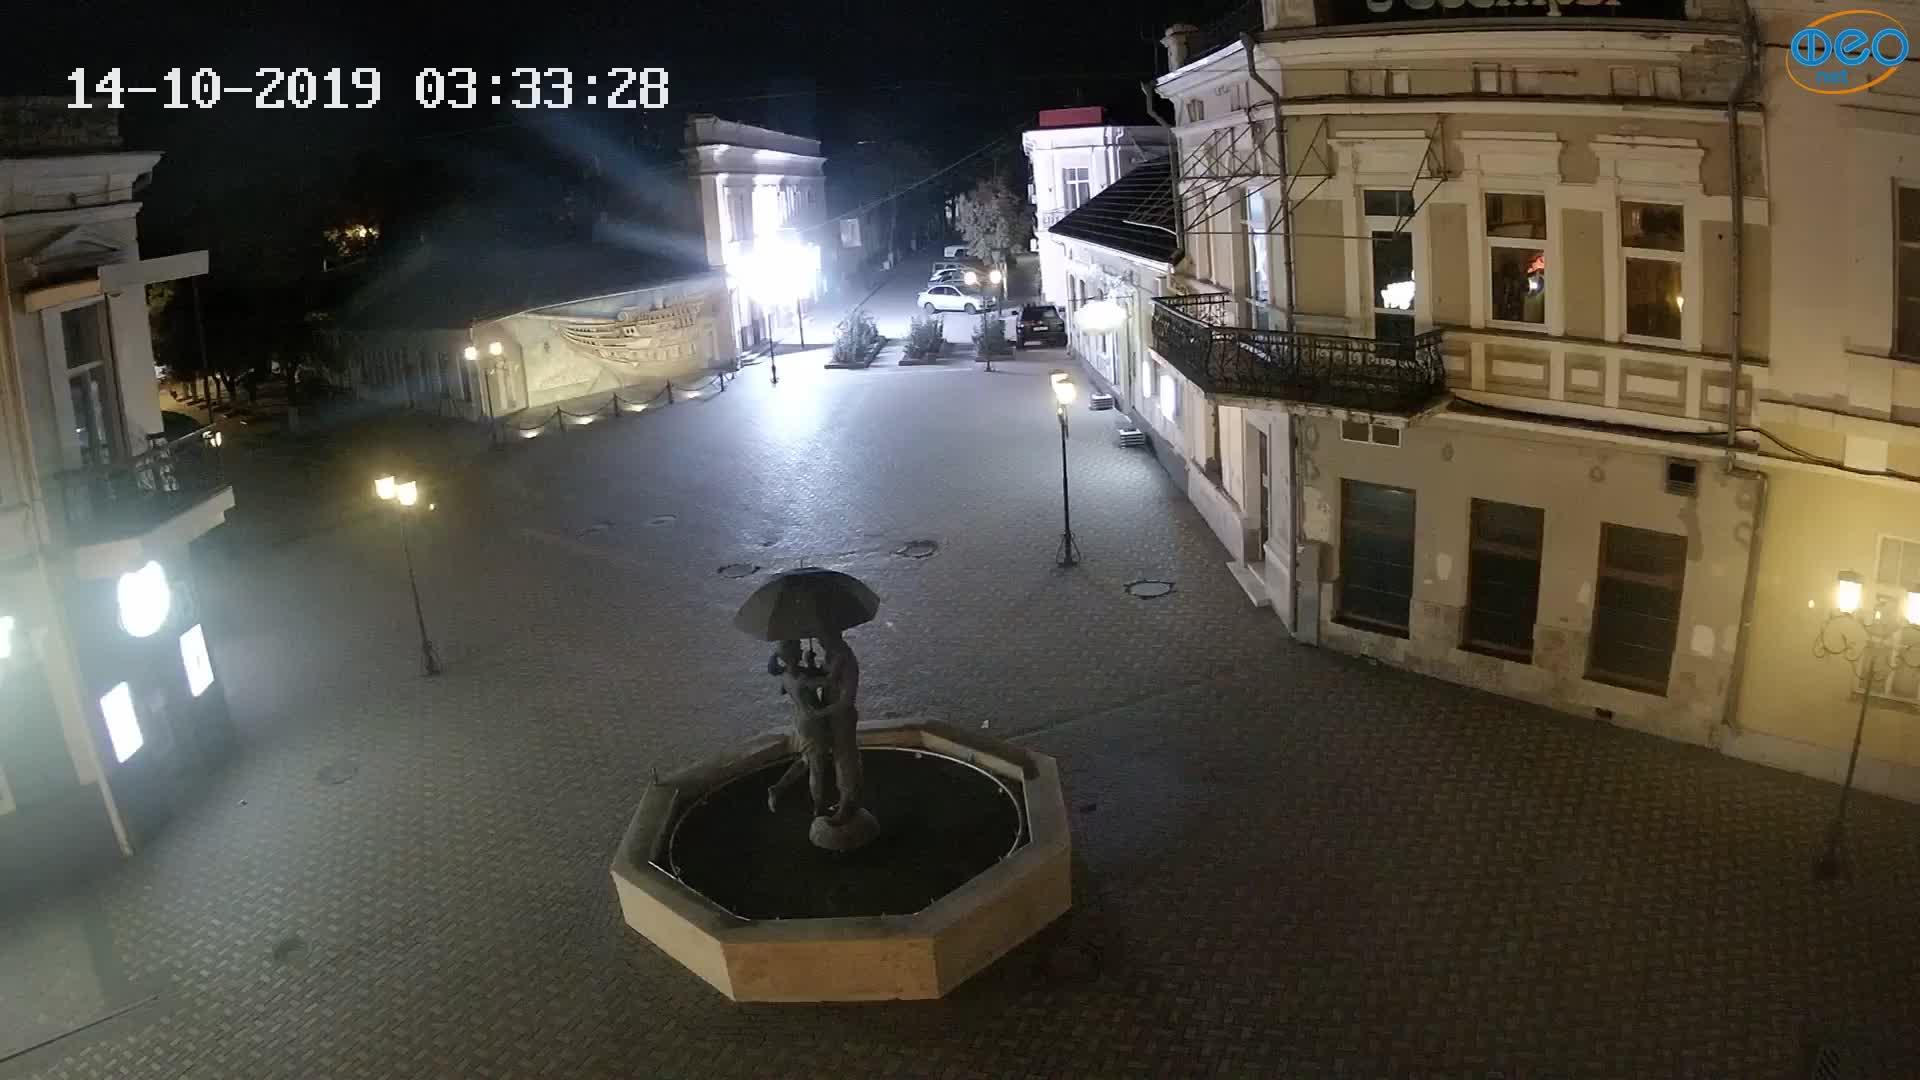 Веб-камеры Феодосии, Панно Бригантина (Камера со звуком.), 2019-10-14 03:43:13